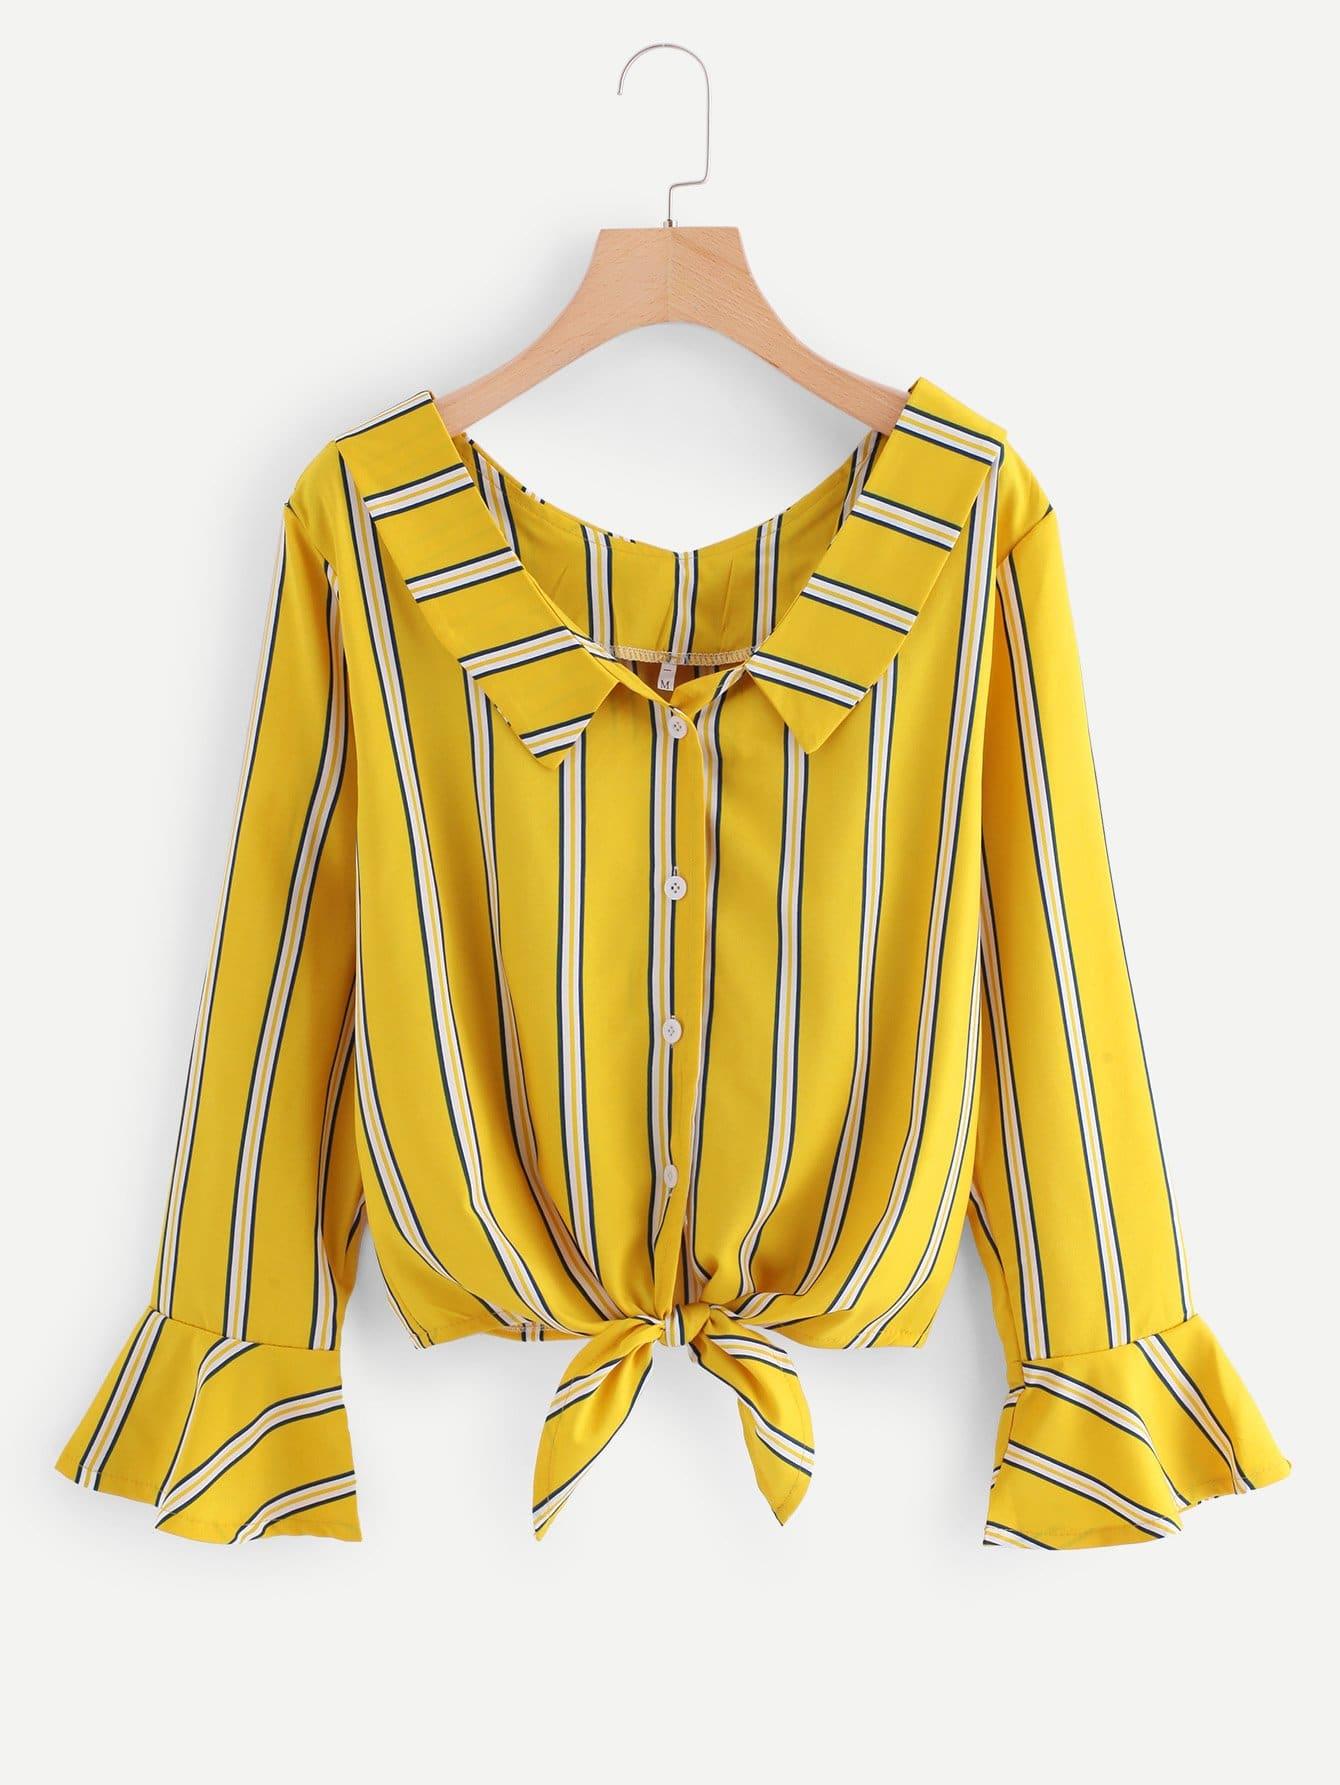 Bluse mit Schößchensaum auf den Ärmeln, Knoten und Streifen